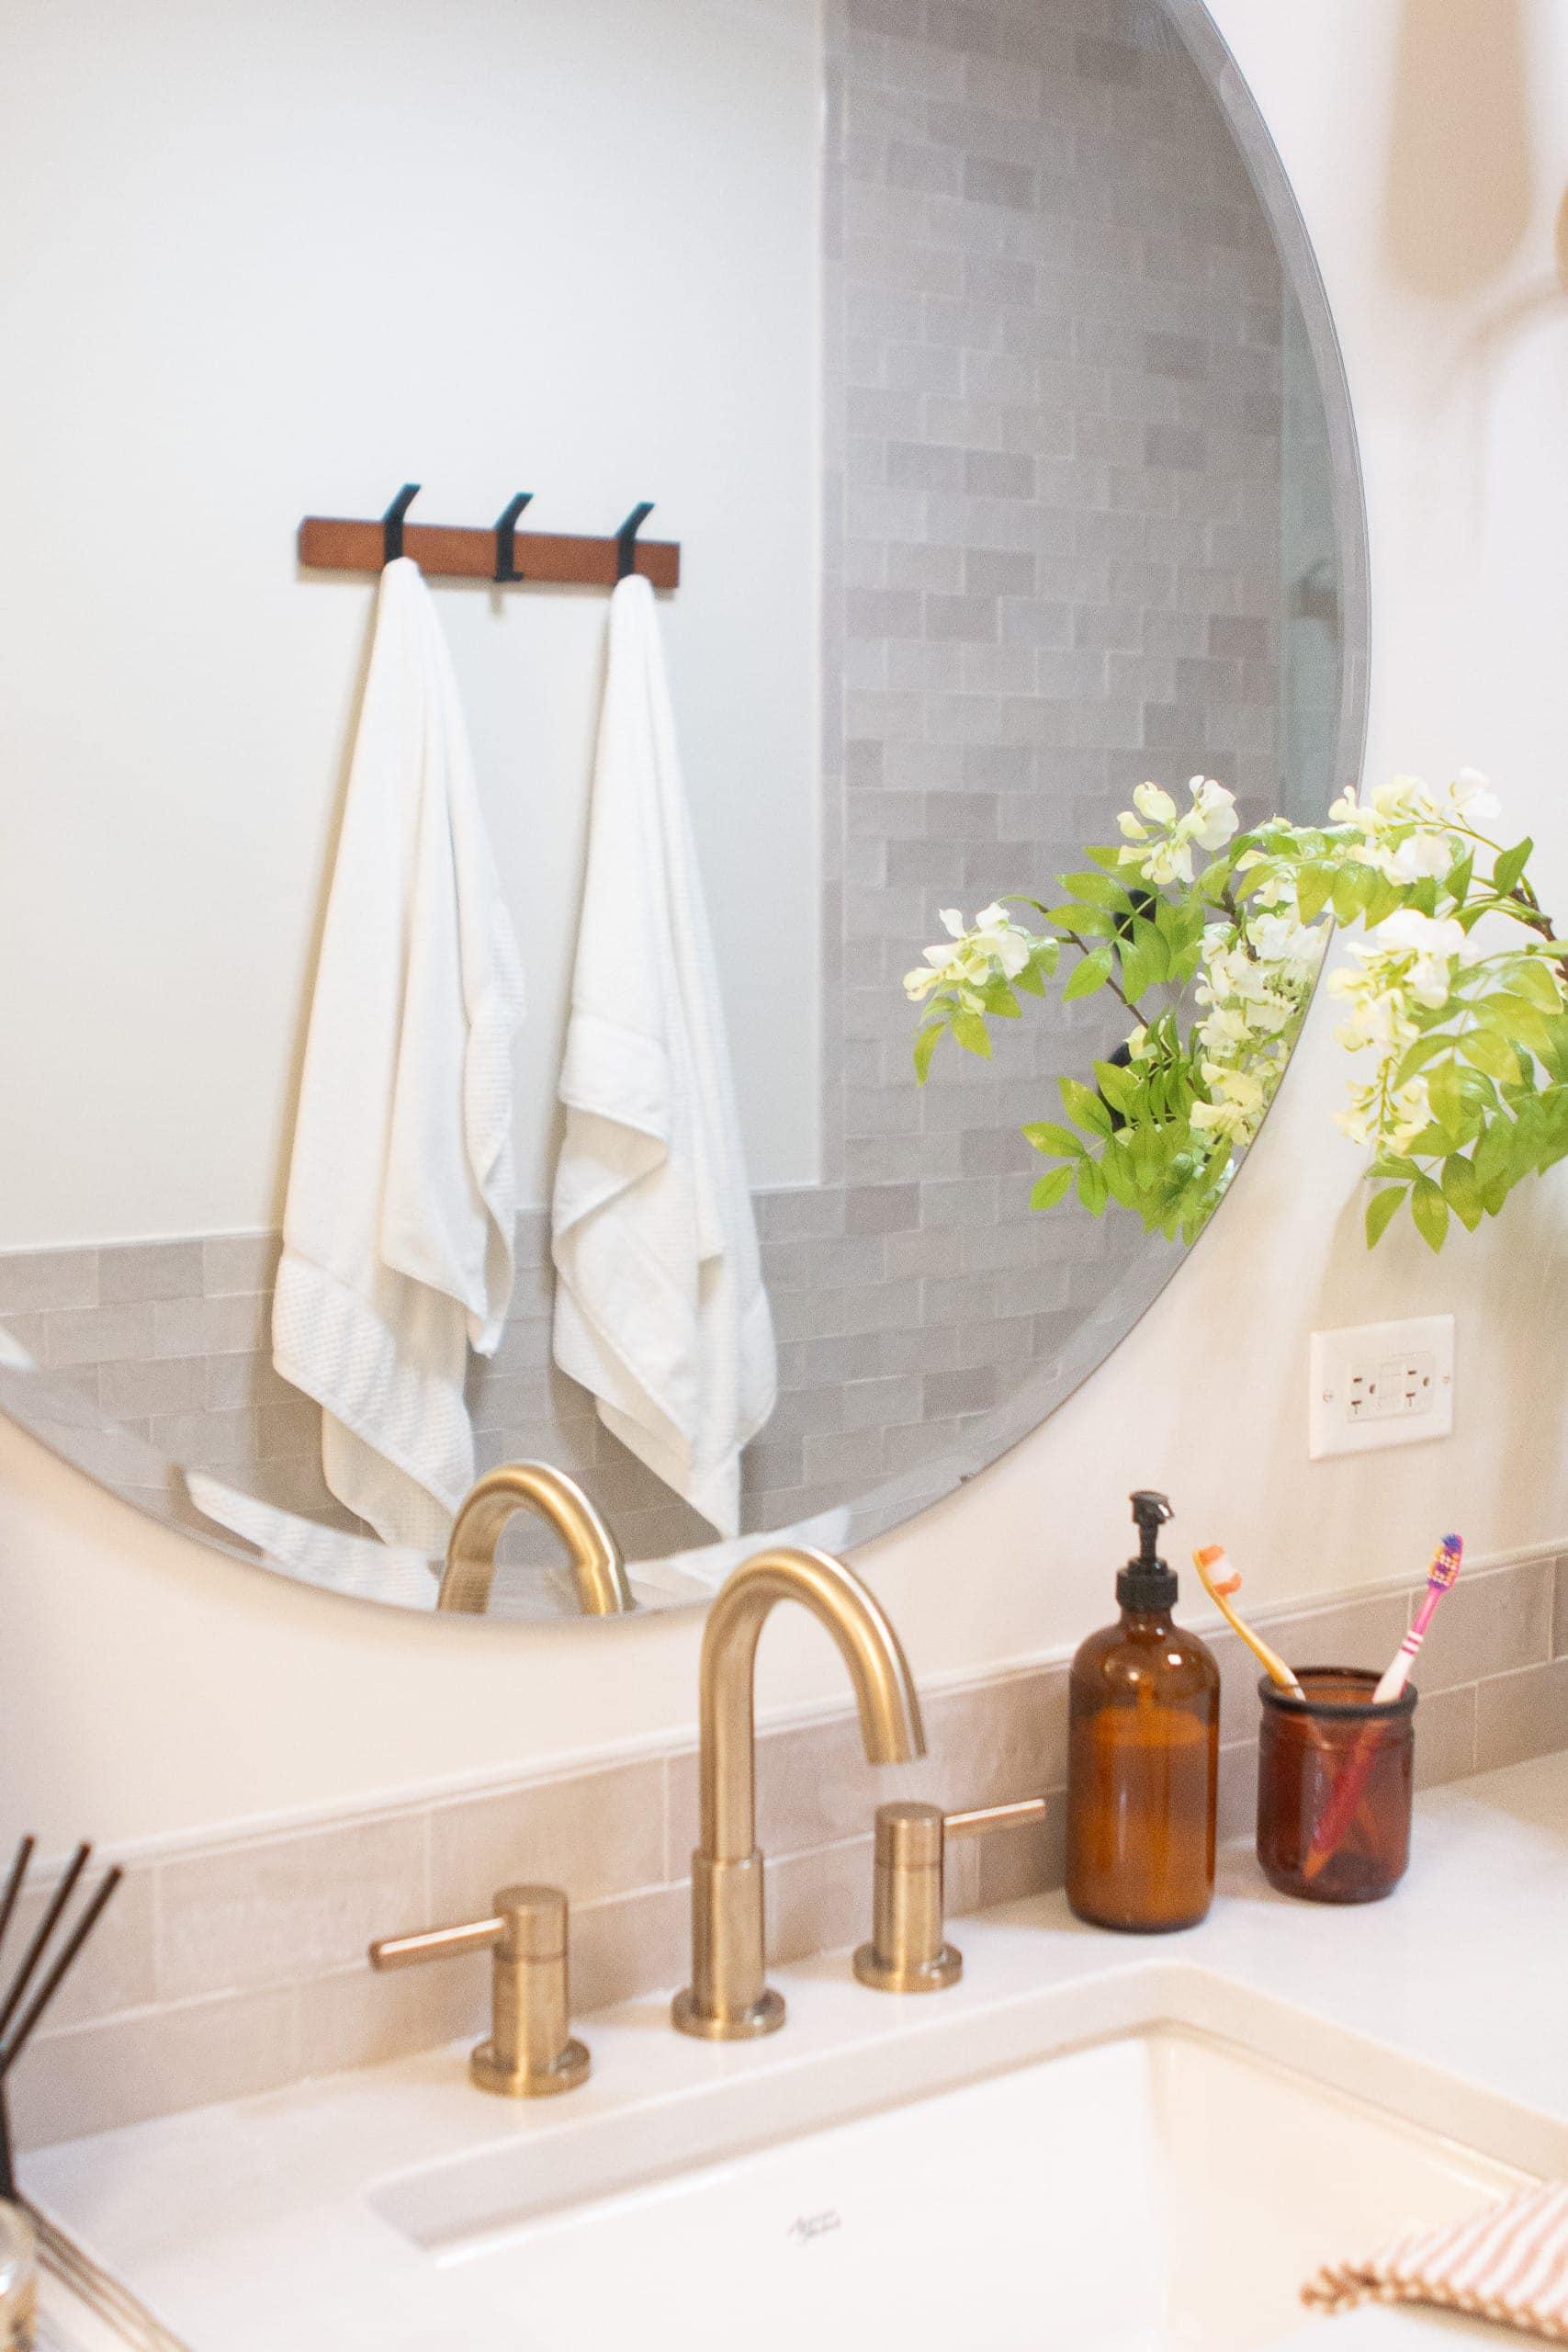 Sneak peek of my mom's main bathroom reveal